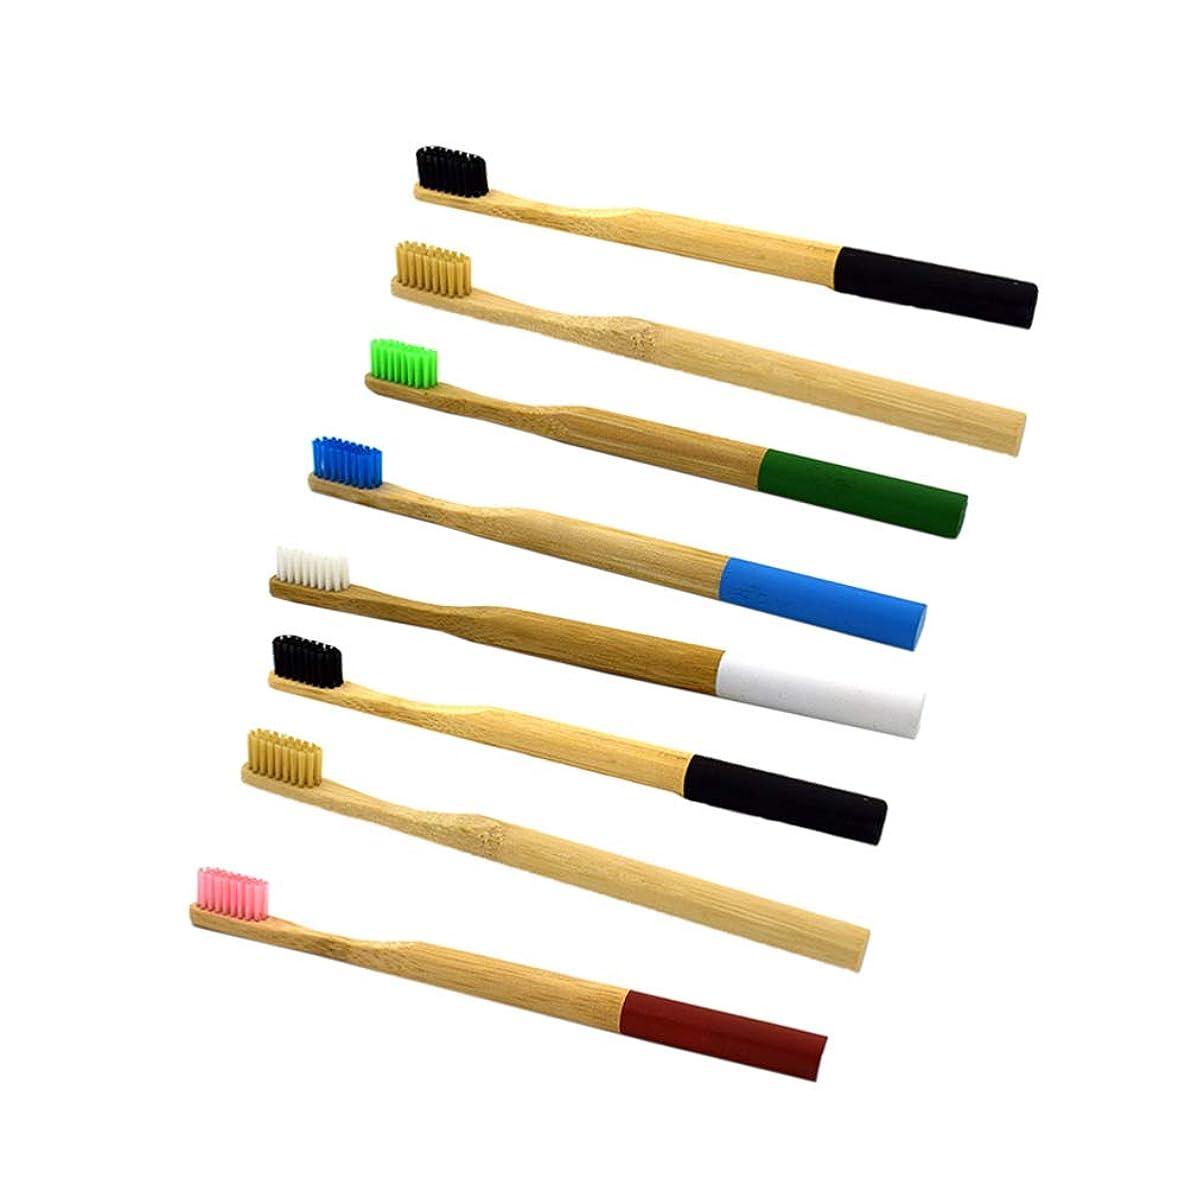 管理者ナース上がるSUPVOX 柔らかい剛毛の丸いハンドルが付いている8 PCの自然な竹の歯ブラシ